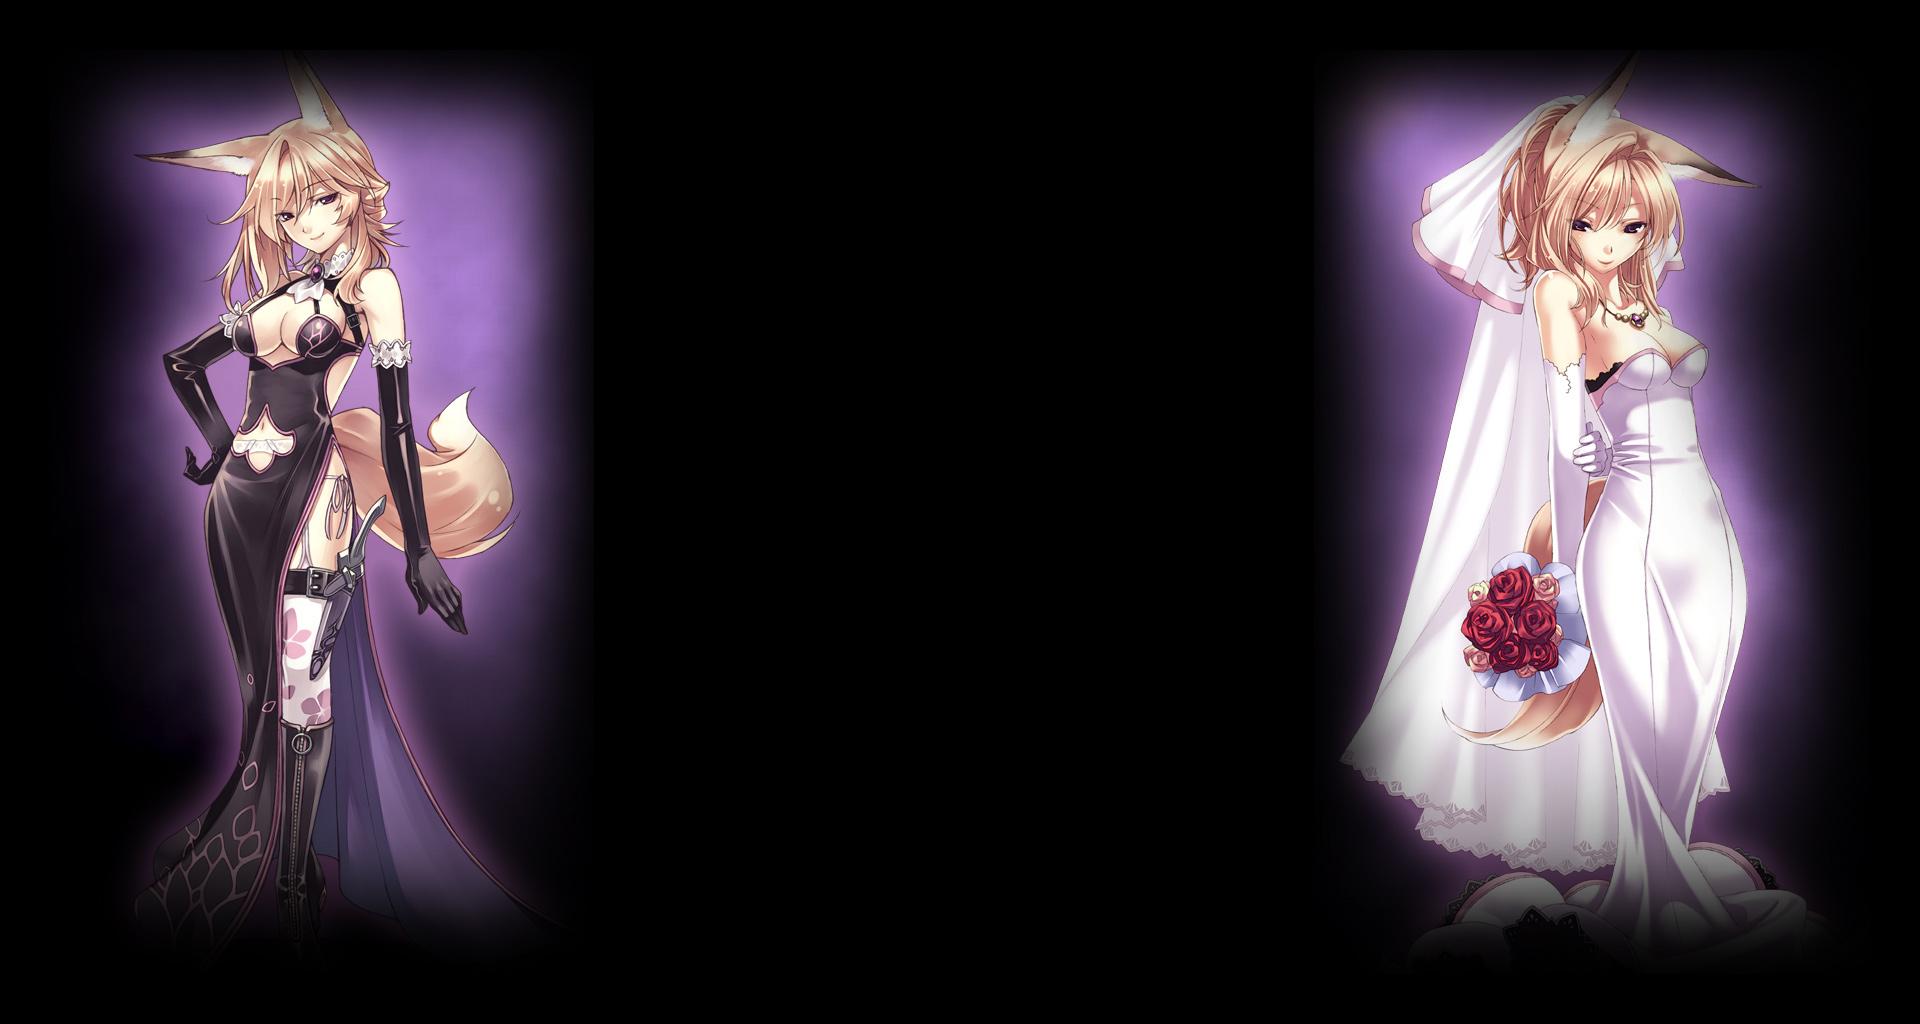 Обои аниме в стим